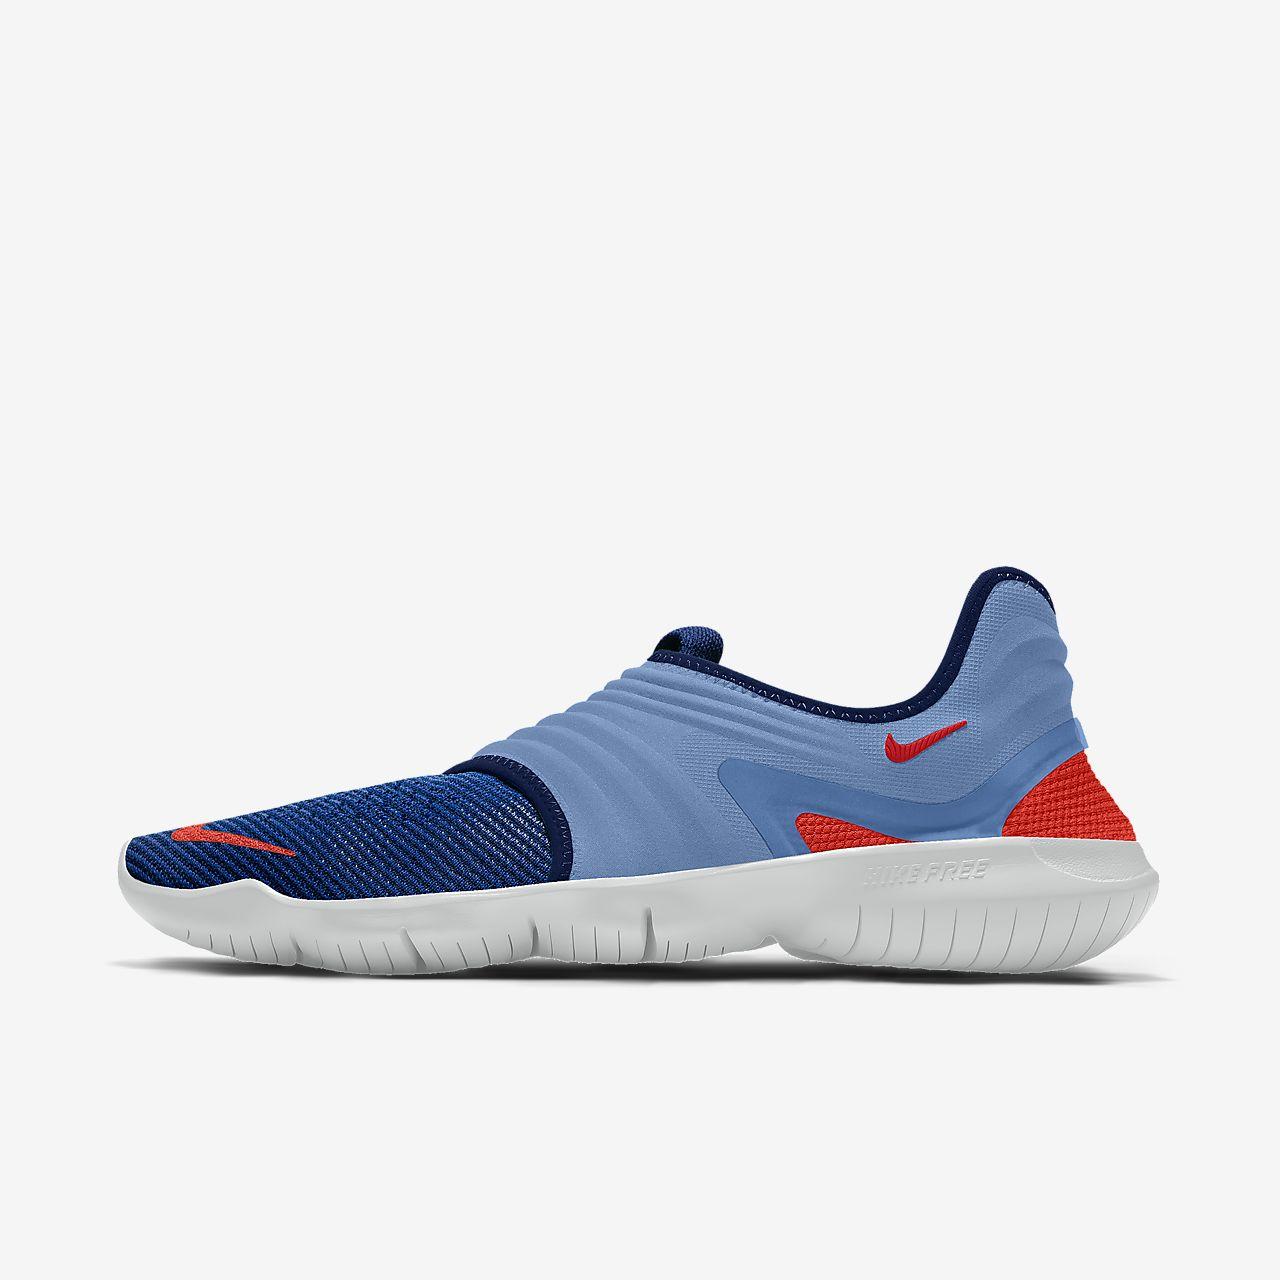 Damskie personalizowane buty do biegania Nike Free RN Flyknit 3.0 By You